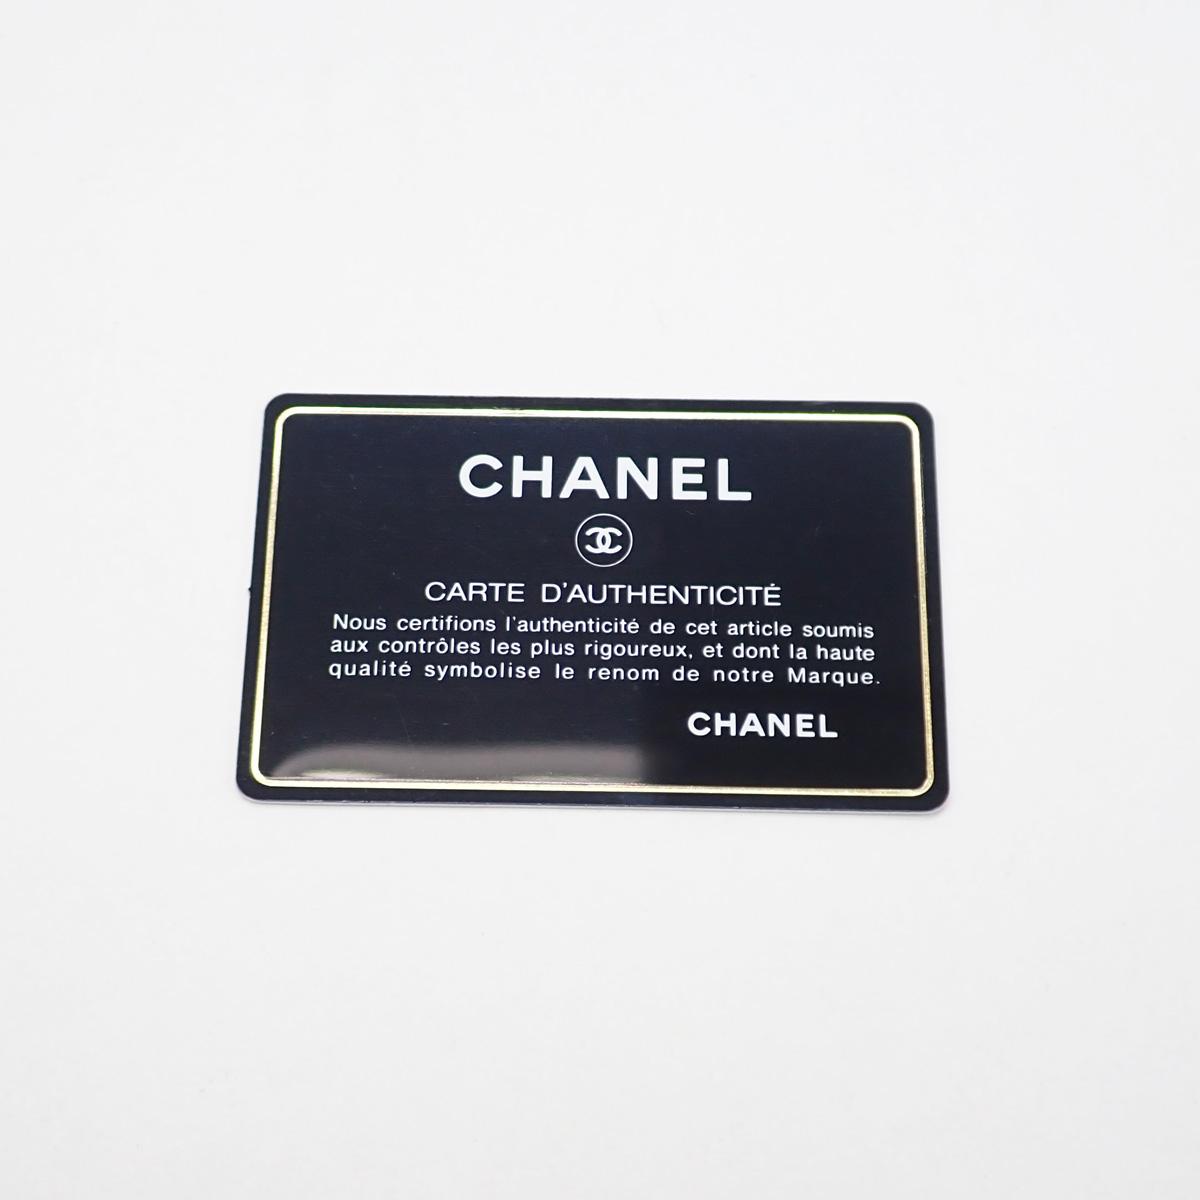 【辛口評価】【Aランク】CHANEL シャネル バブルキルト フラップ ショルダーバッグ A93602 カーフスキン ブラック シルバー金具